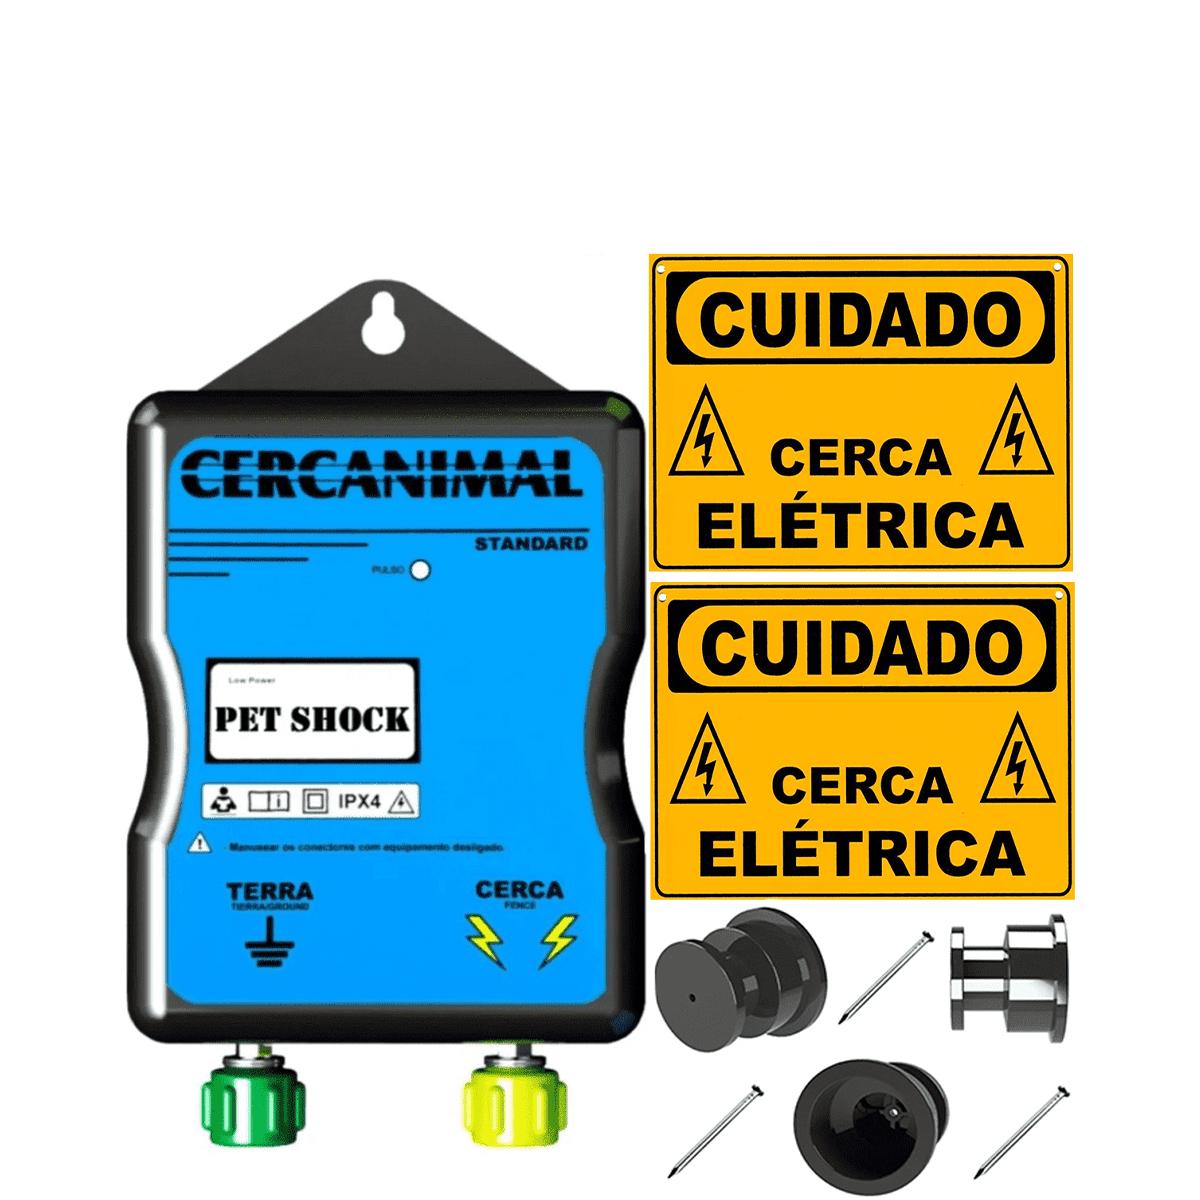 Cerca Eletrica Rural P/ Coelhos Caes Gatos Animais Pequenos  - Ambientude Agro e Pet